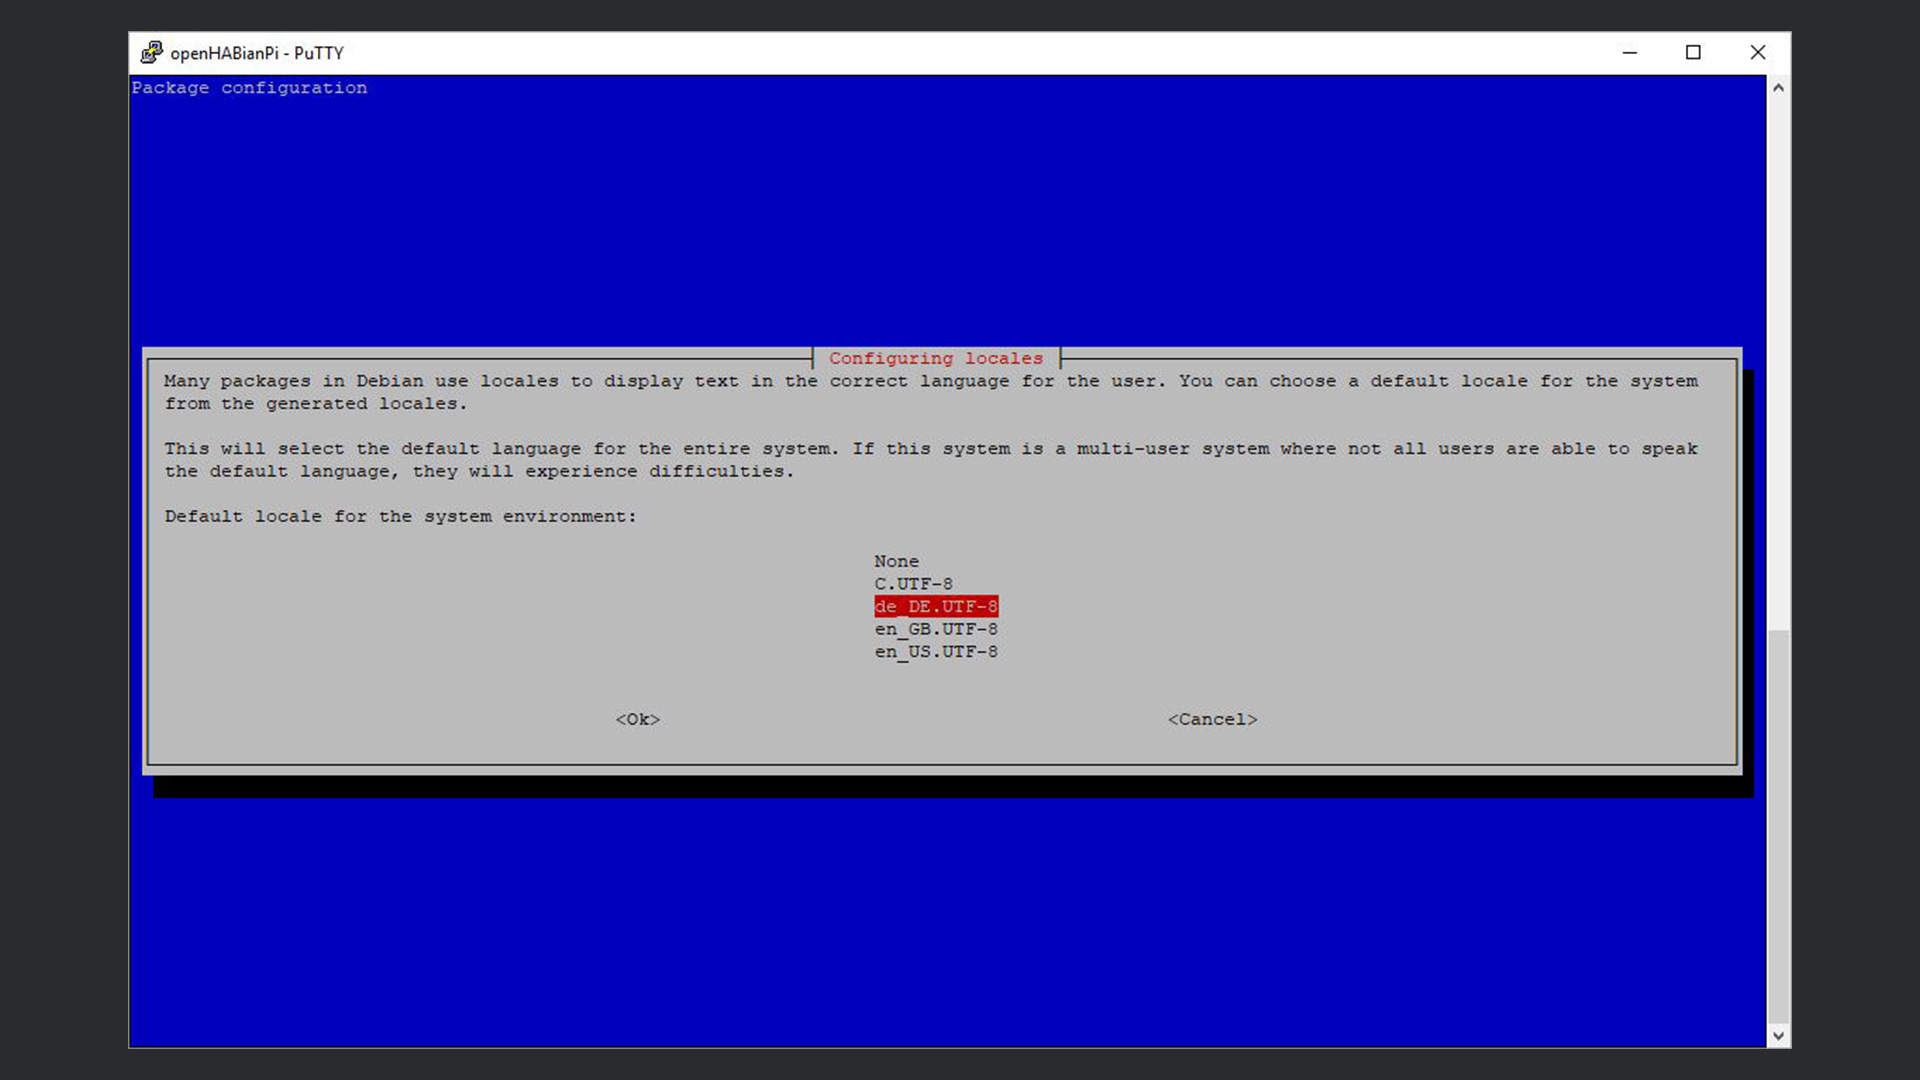 DigitaleWelt openHAB 2 - openHABian de_DE.UTF-8